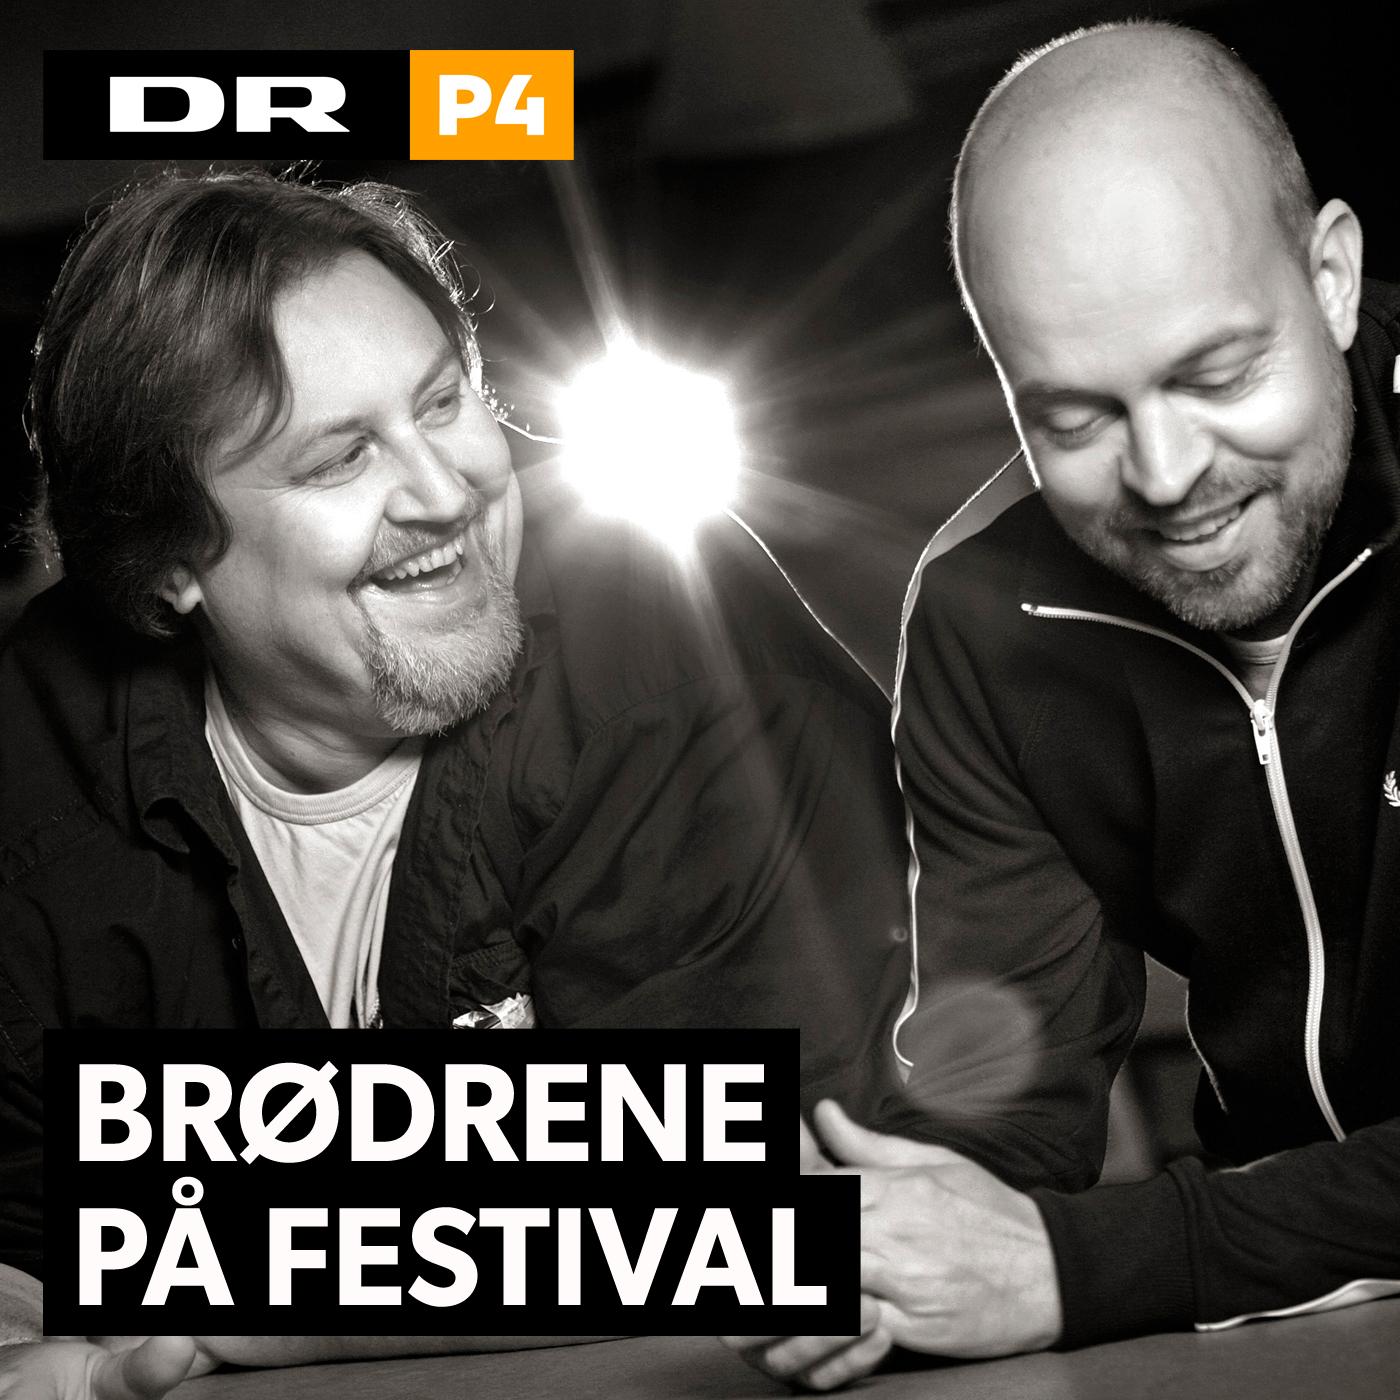 Brødrene på festival